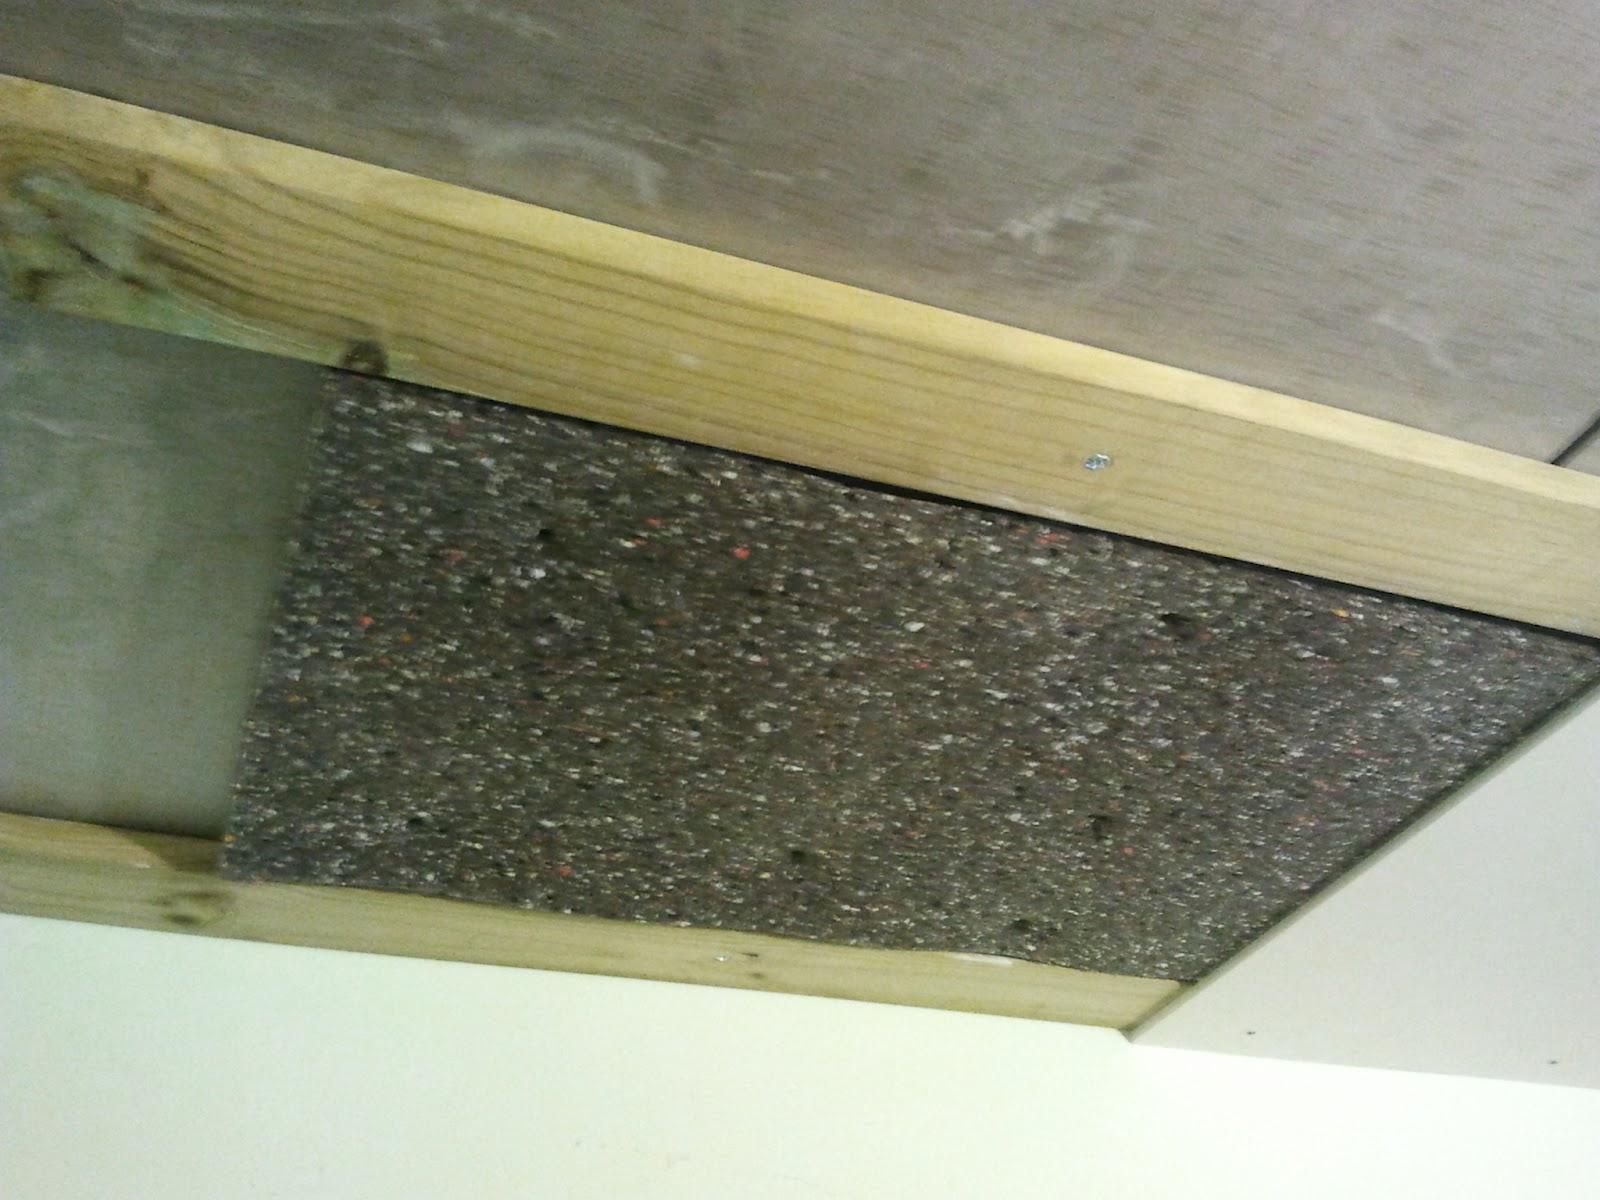 Aislamiento acustico paredes interiores - Aislamiento acustico paredes interiores ...